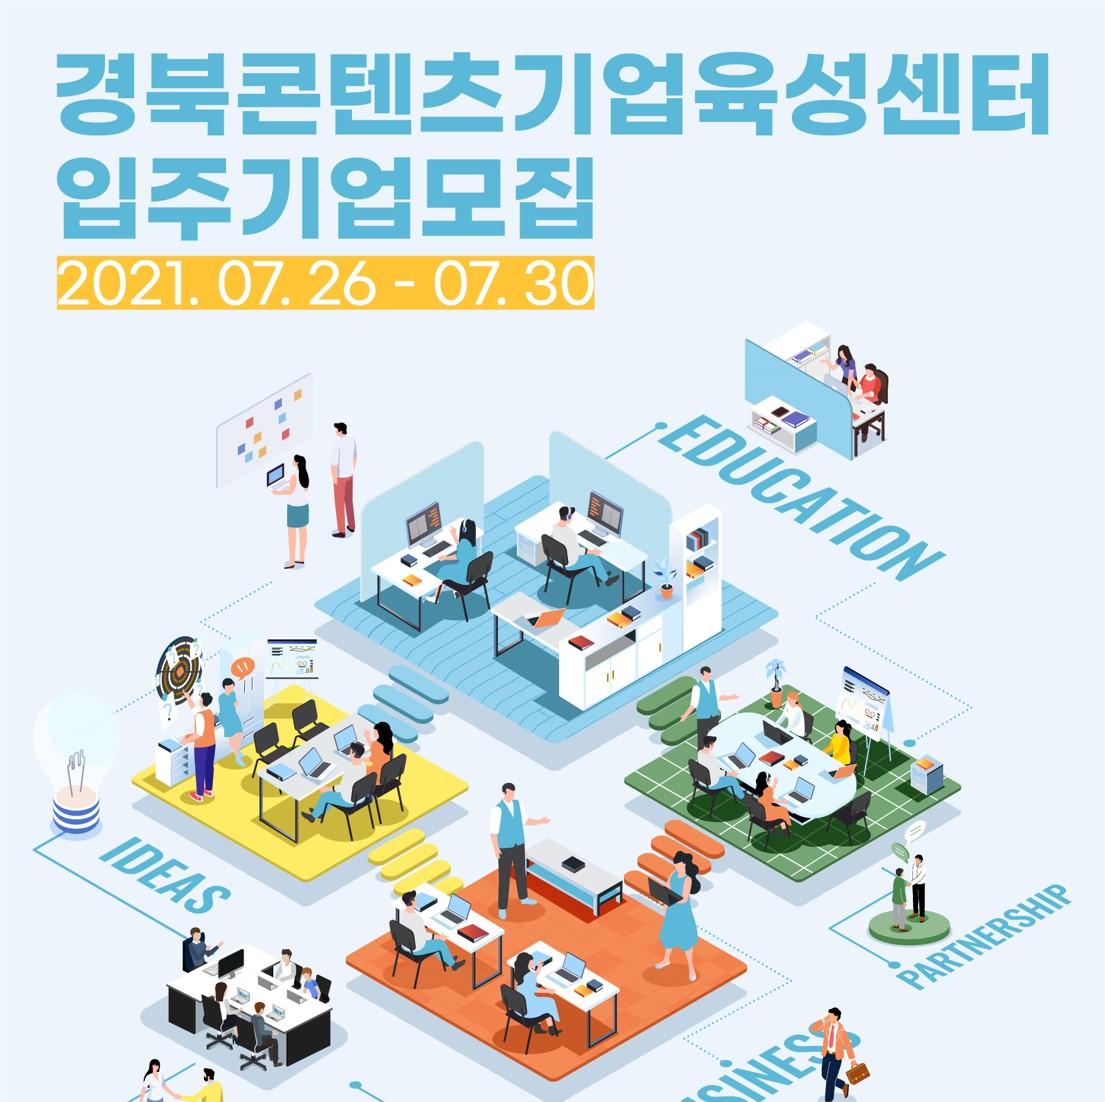 경북콘텐츠기업육성센터 입주기업 모집